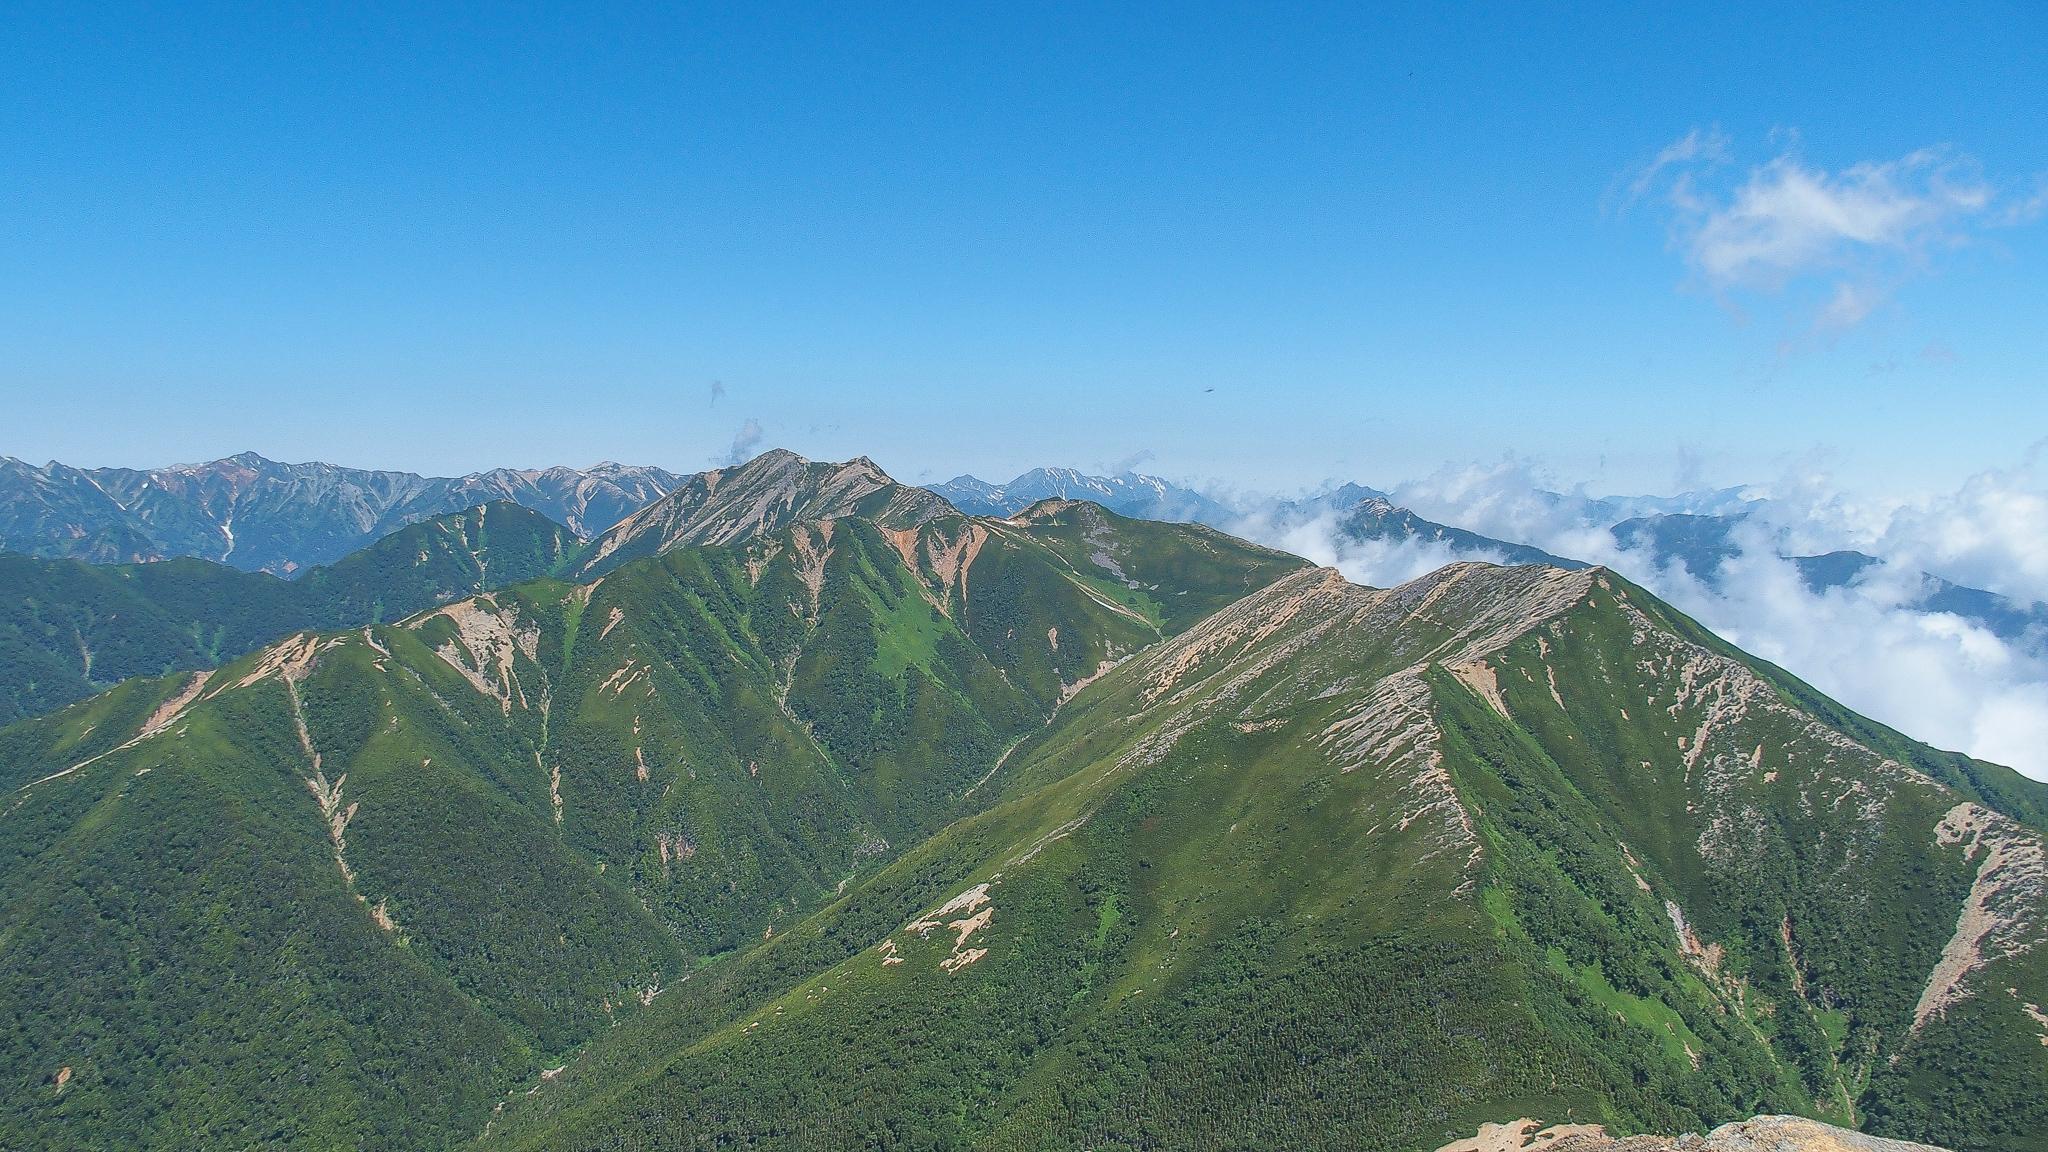 常念岳・常念岳山頂からの横通岳と大天井岳